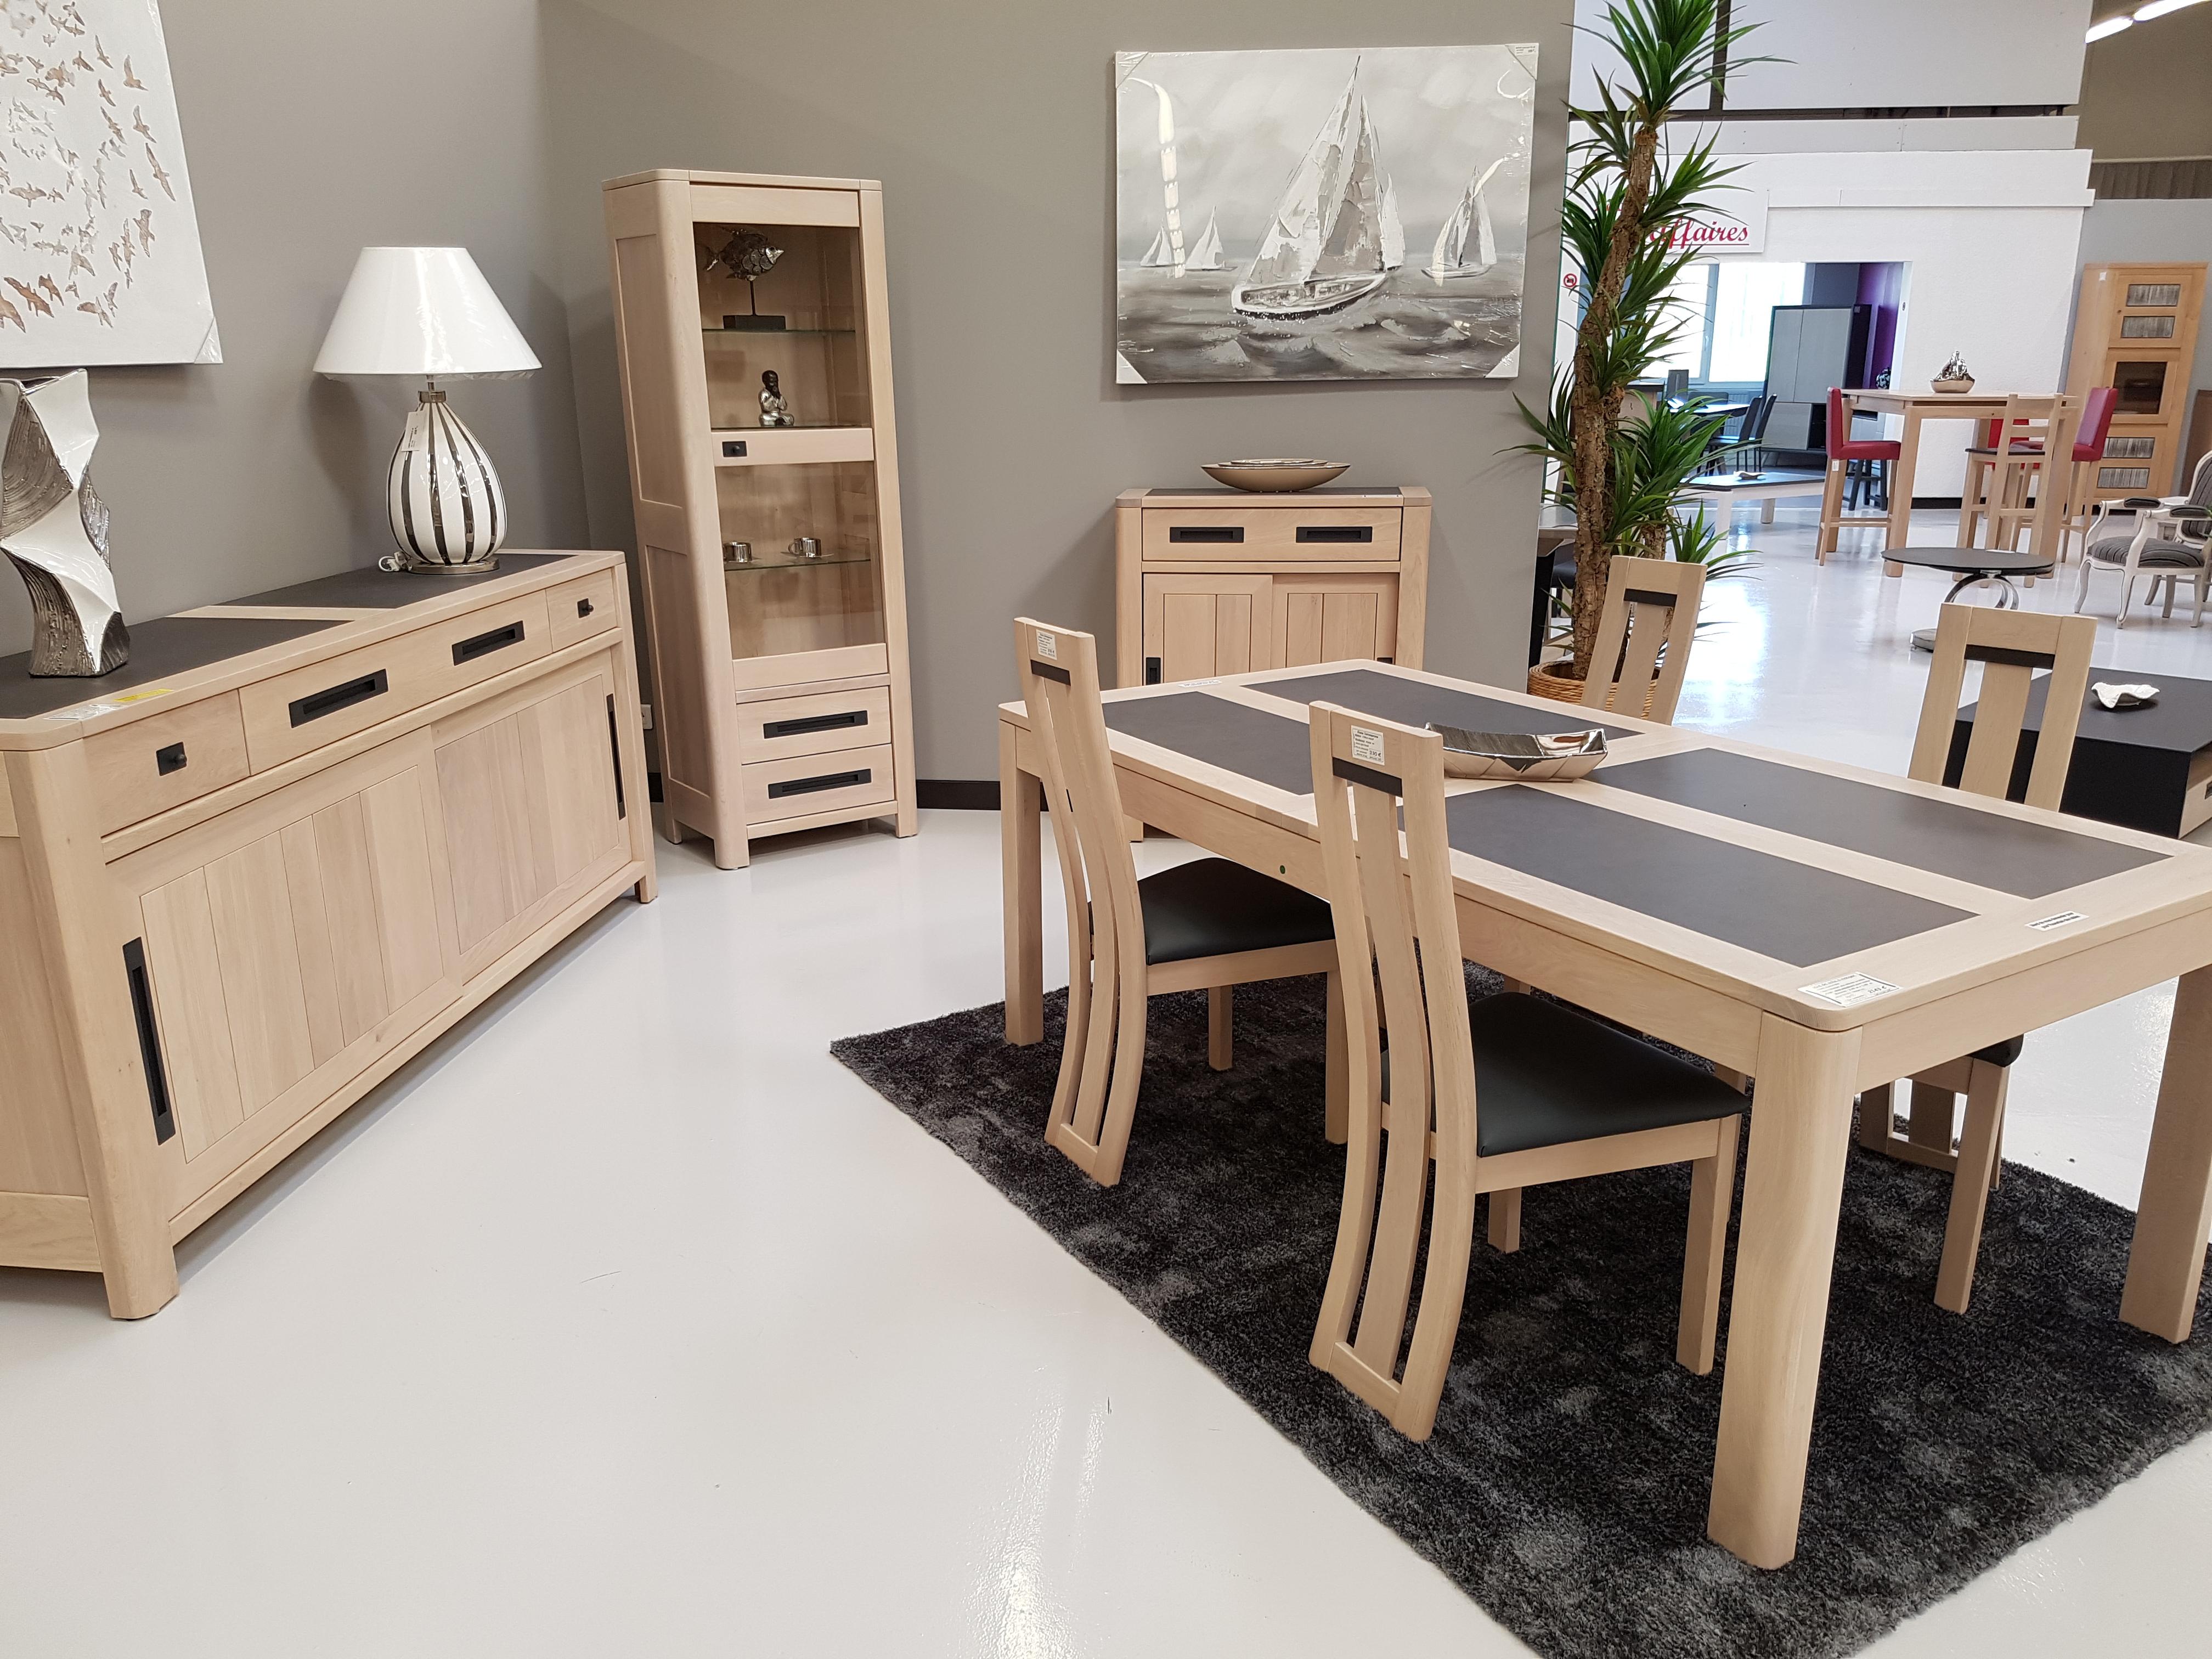 bahut ceram 2 portes ce420b. Black Bedroom Furniture Sets. Home Design Ideas